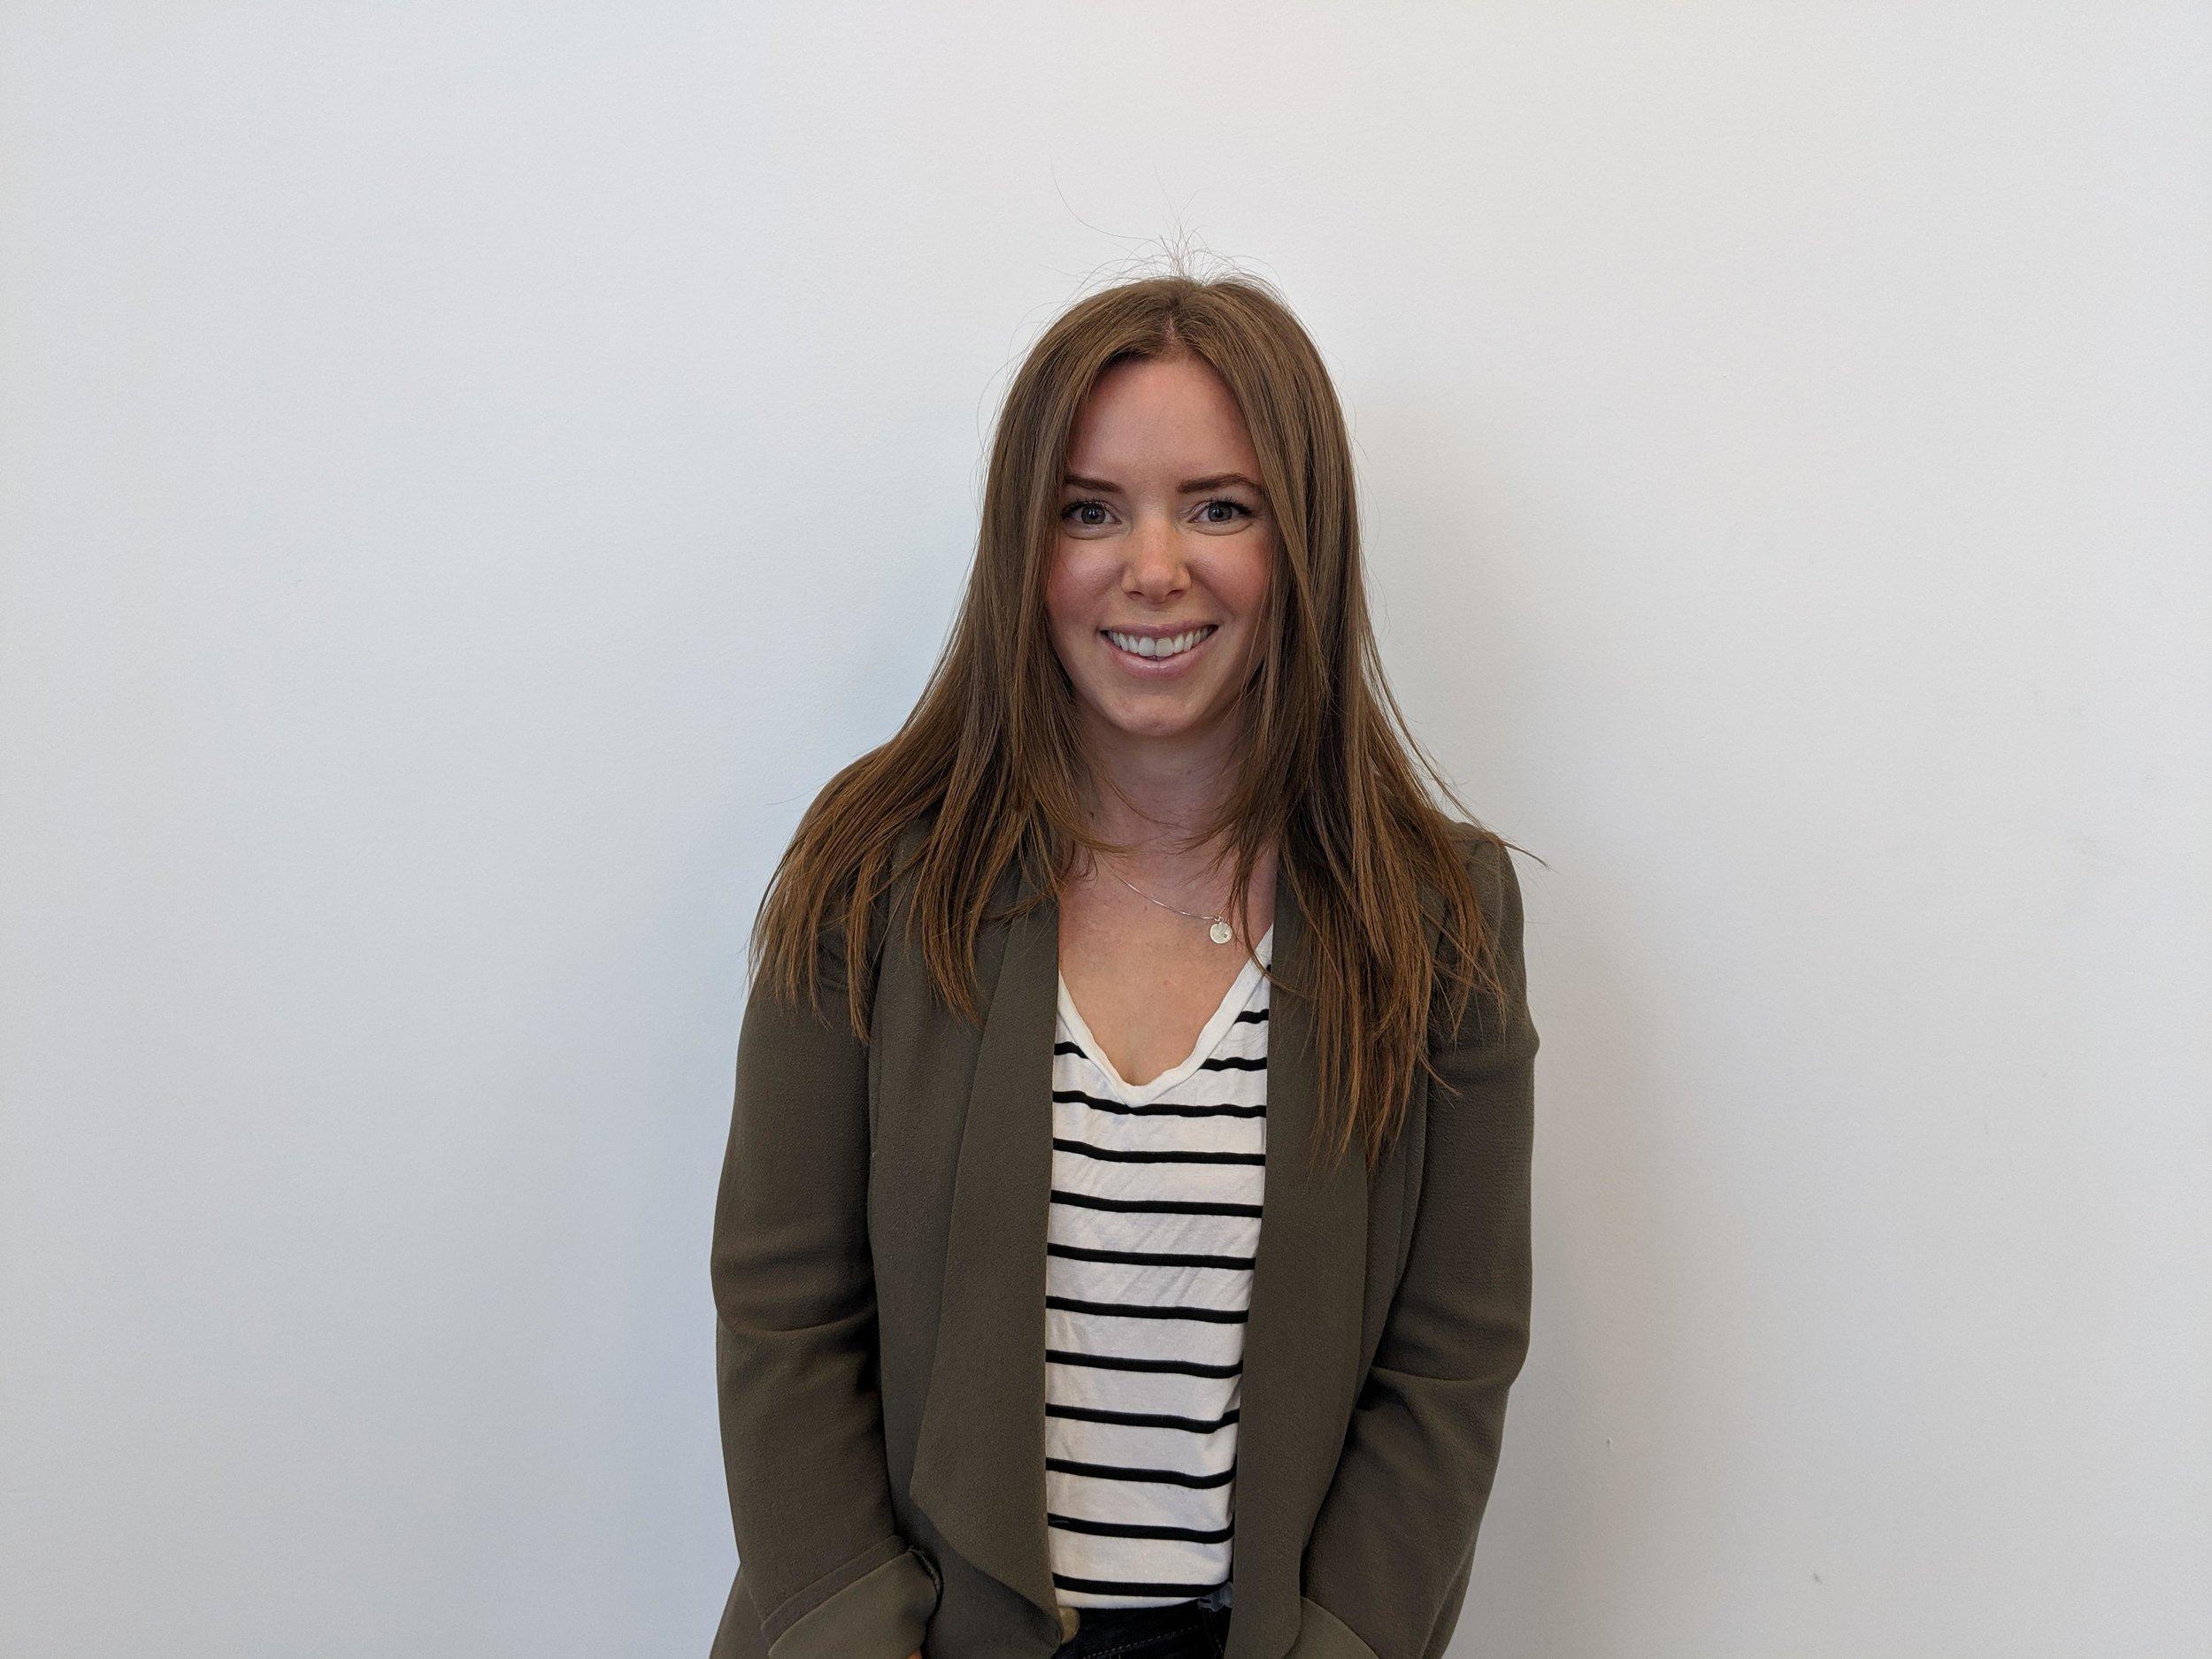 Tricia Crabb - Community Ambassador